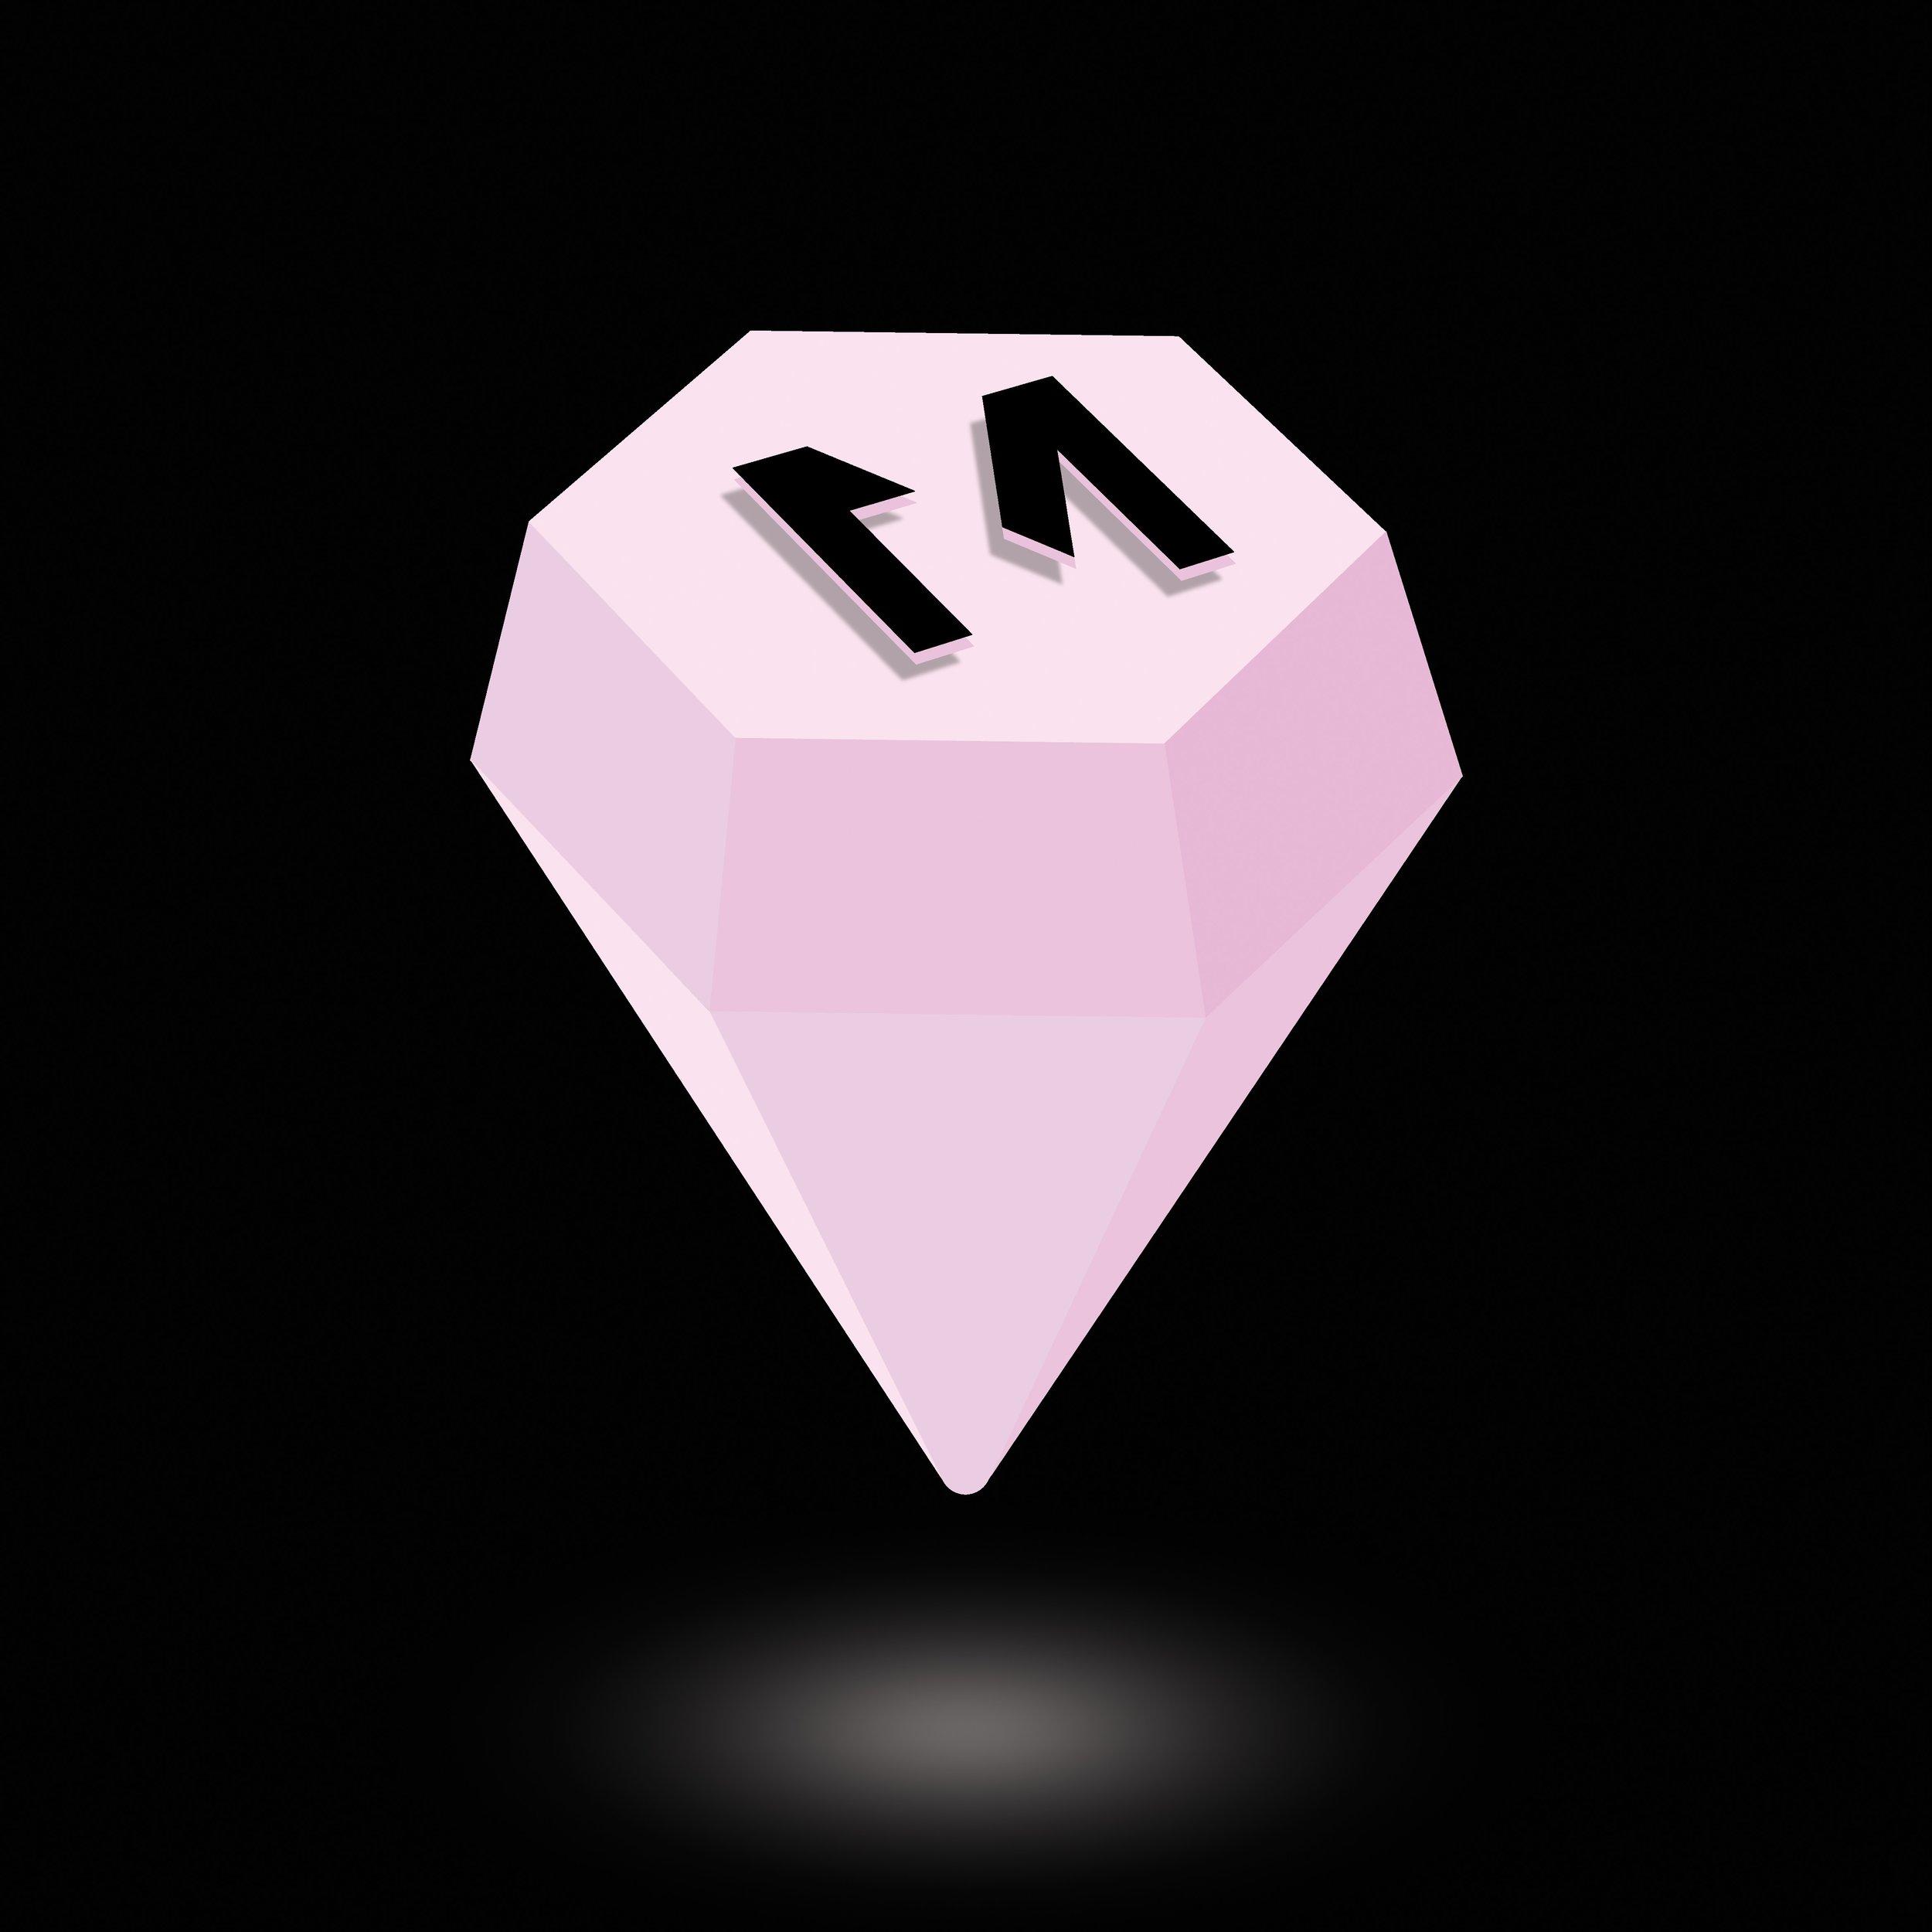 rm diamond image.jpg